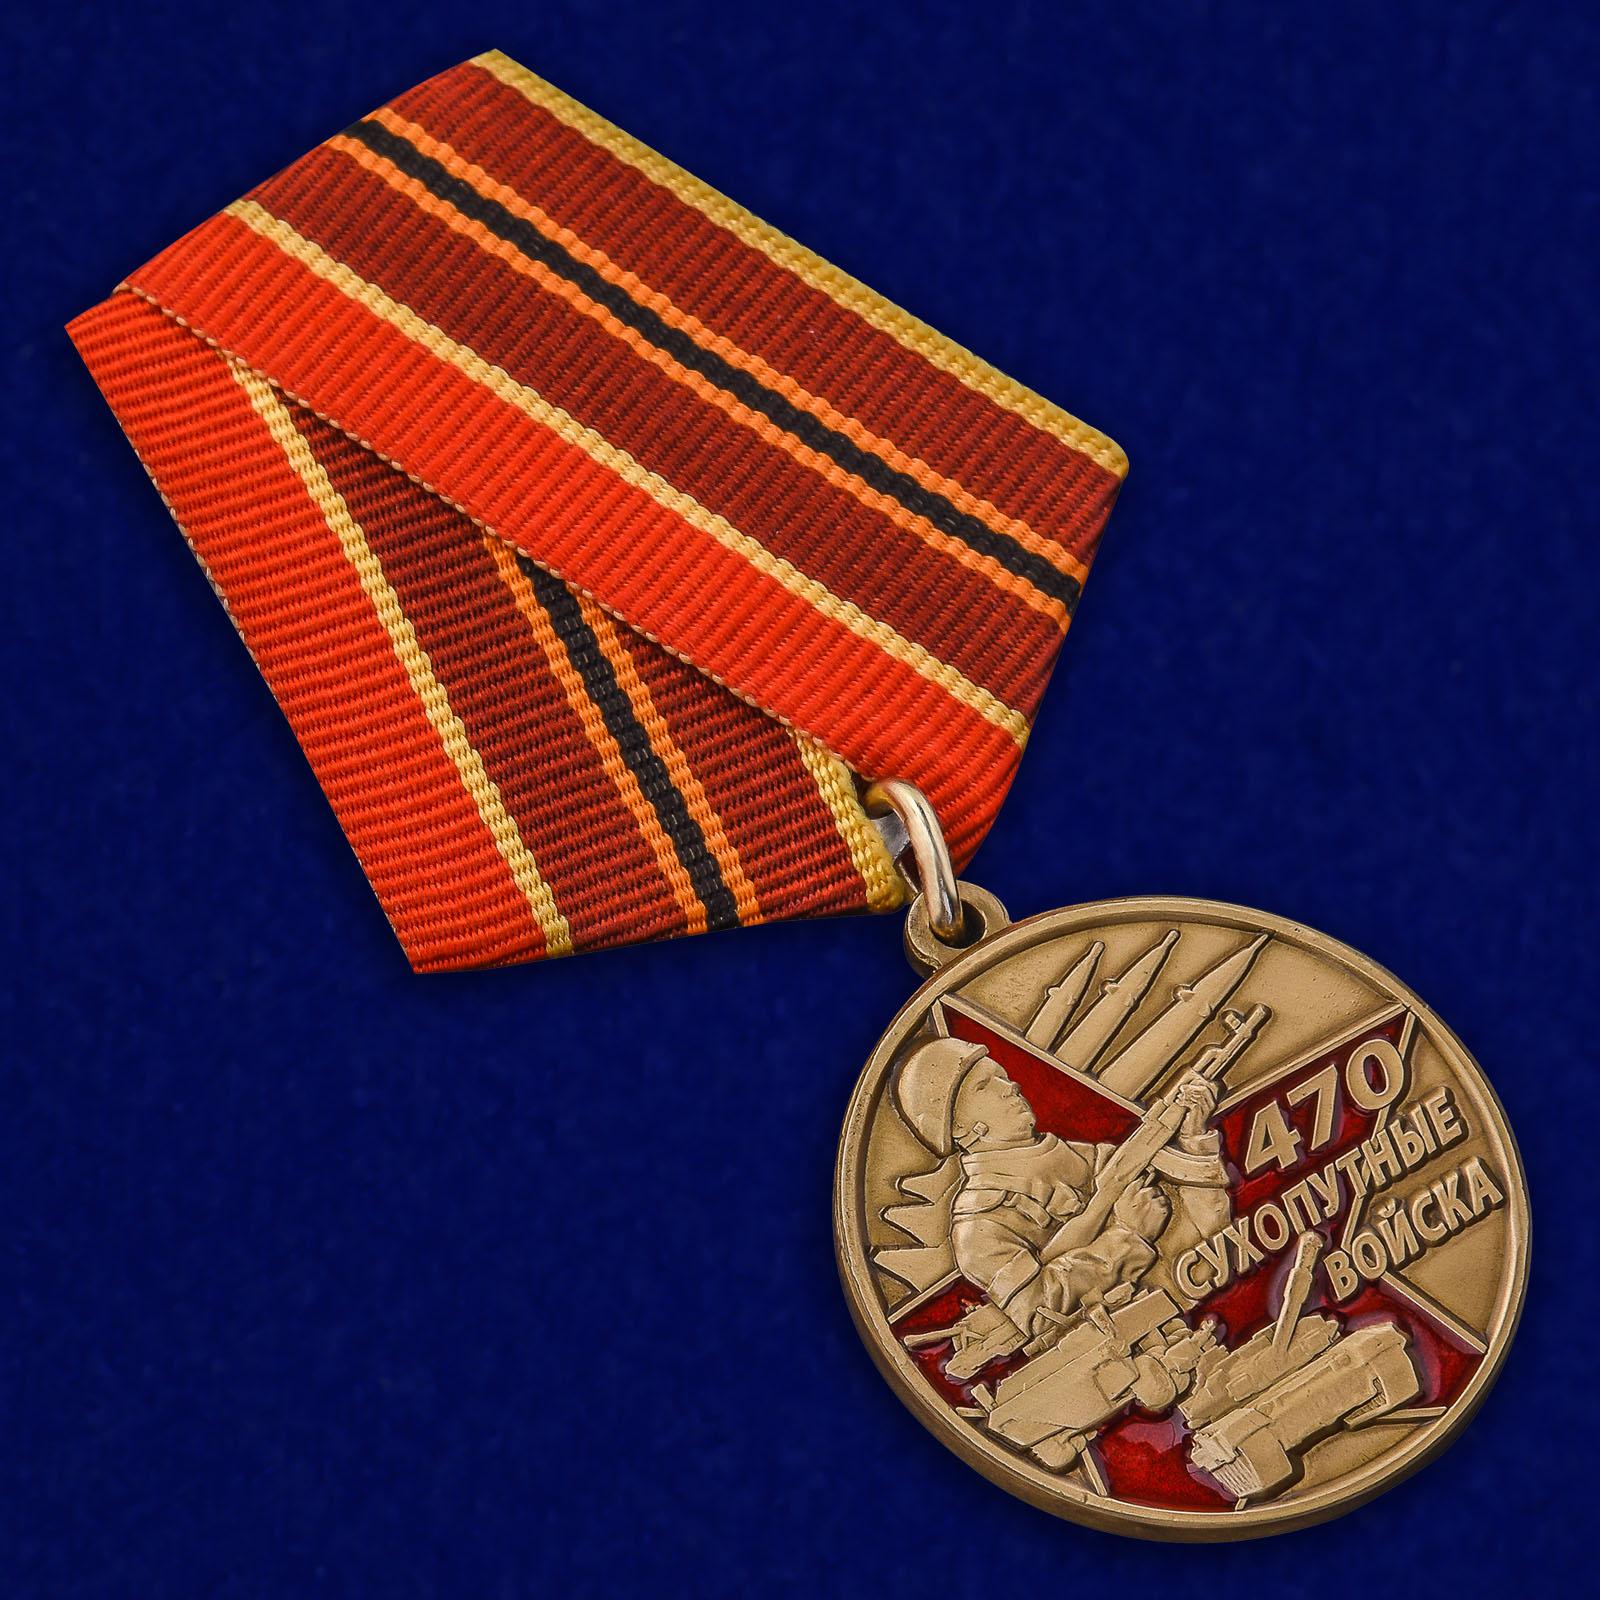 Памятная медаль 470 лет Сухопутным войскам - общий вид